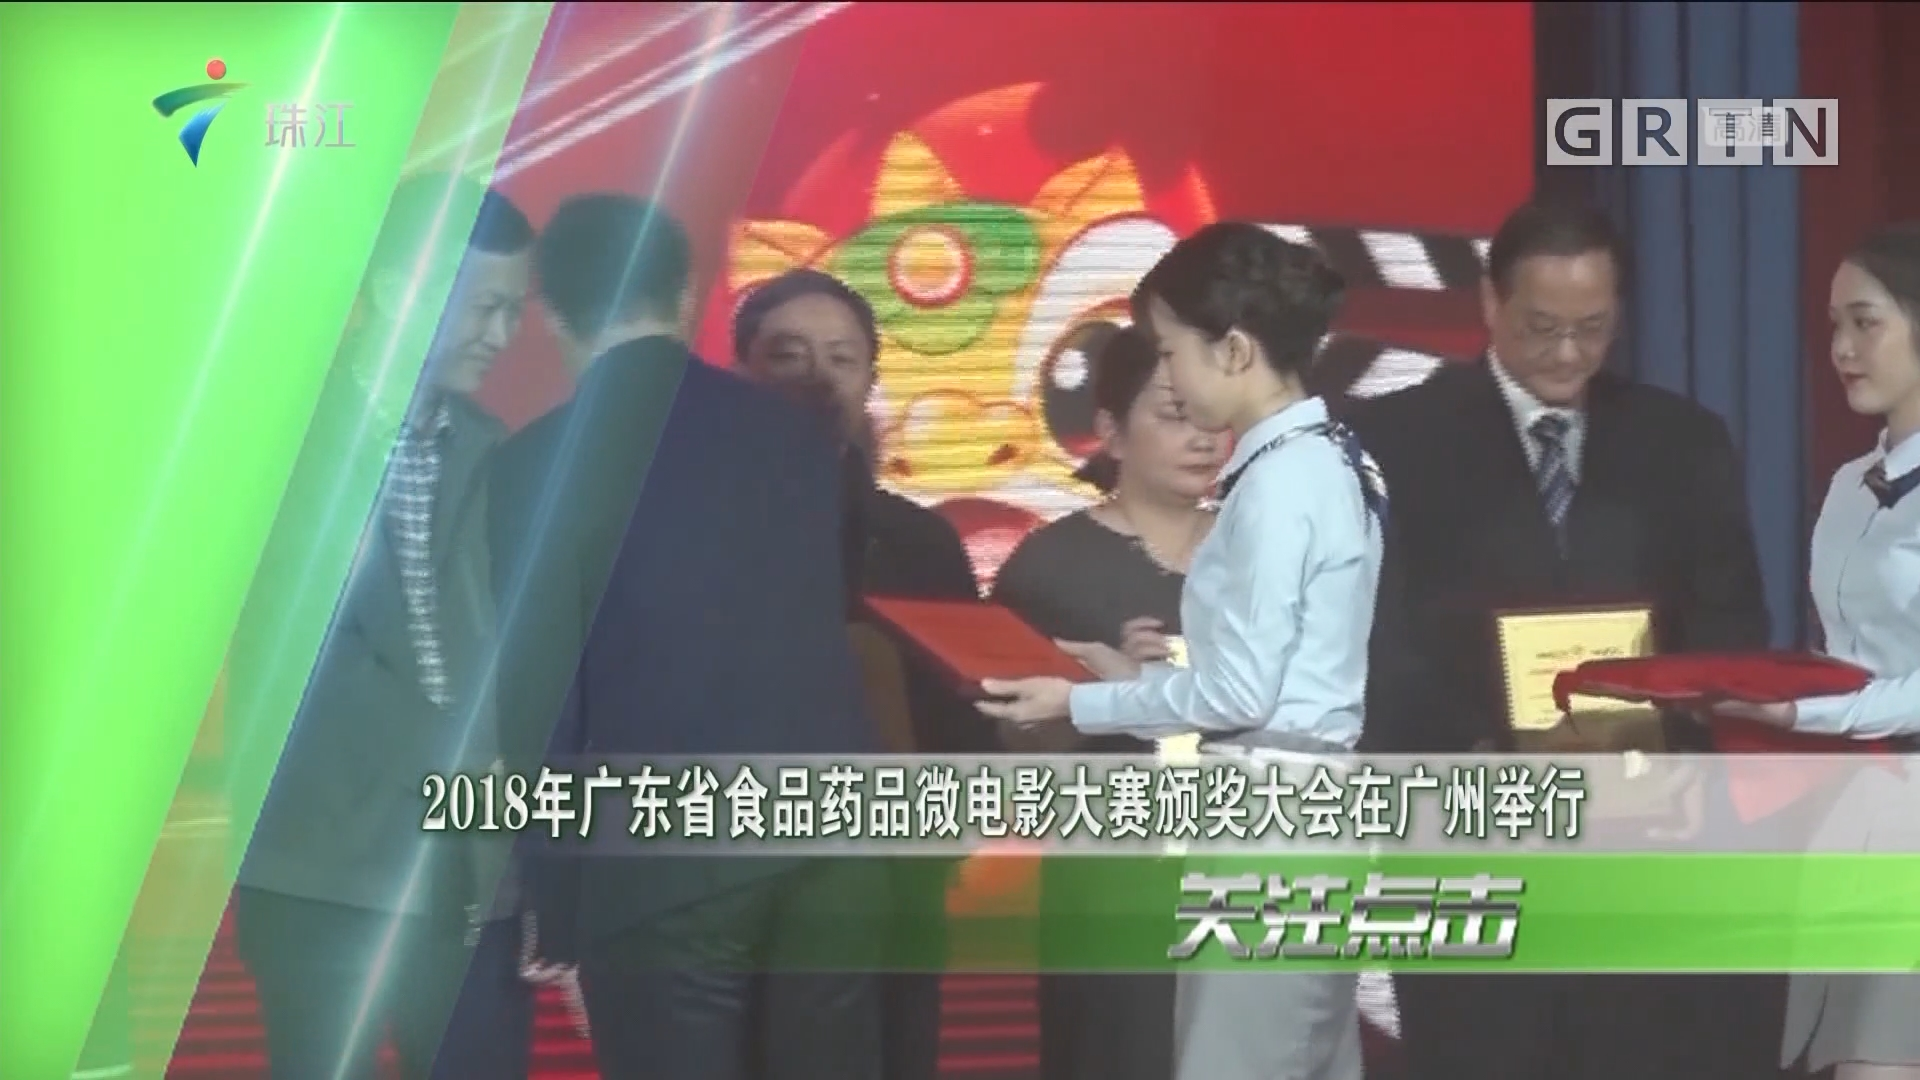 2018年广东省食品药品微电影大赛颁奖大会在广州举行